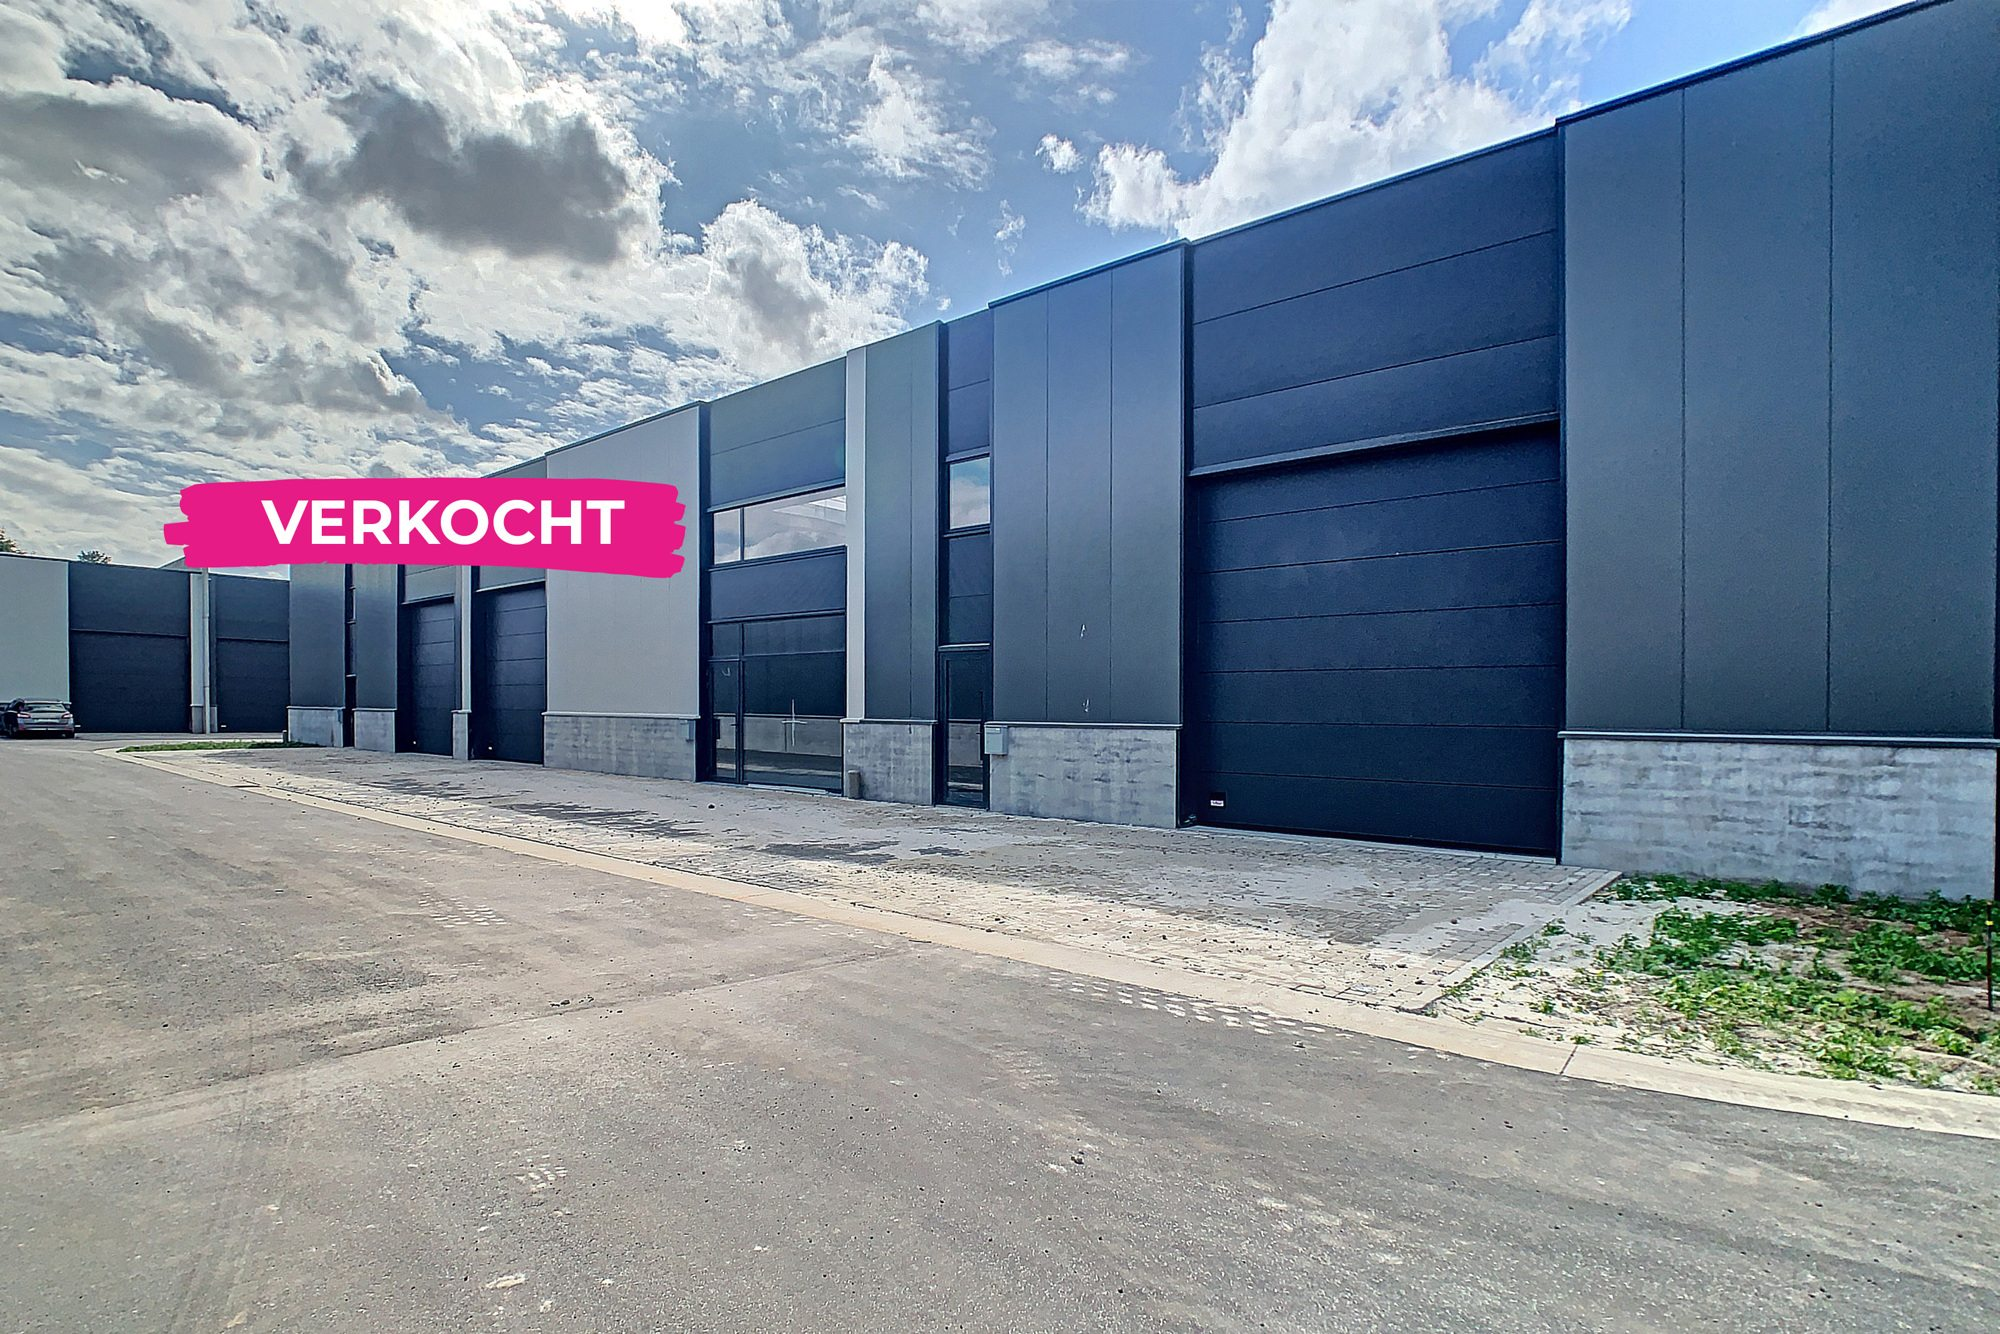 Vergotuinen breidt uit met KMO-unit te Wielsbeke